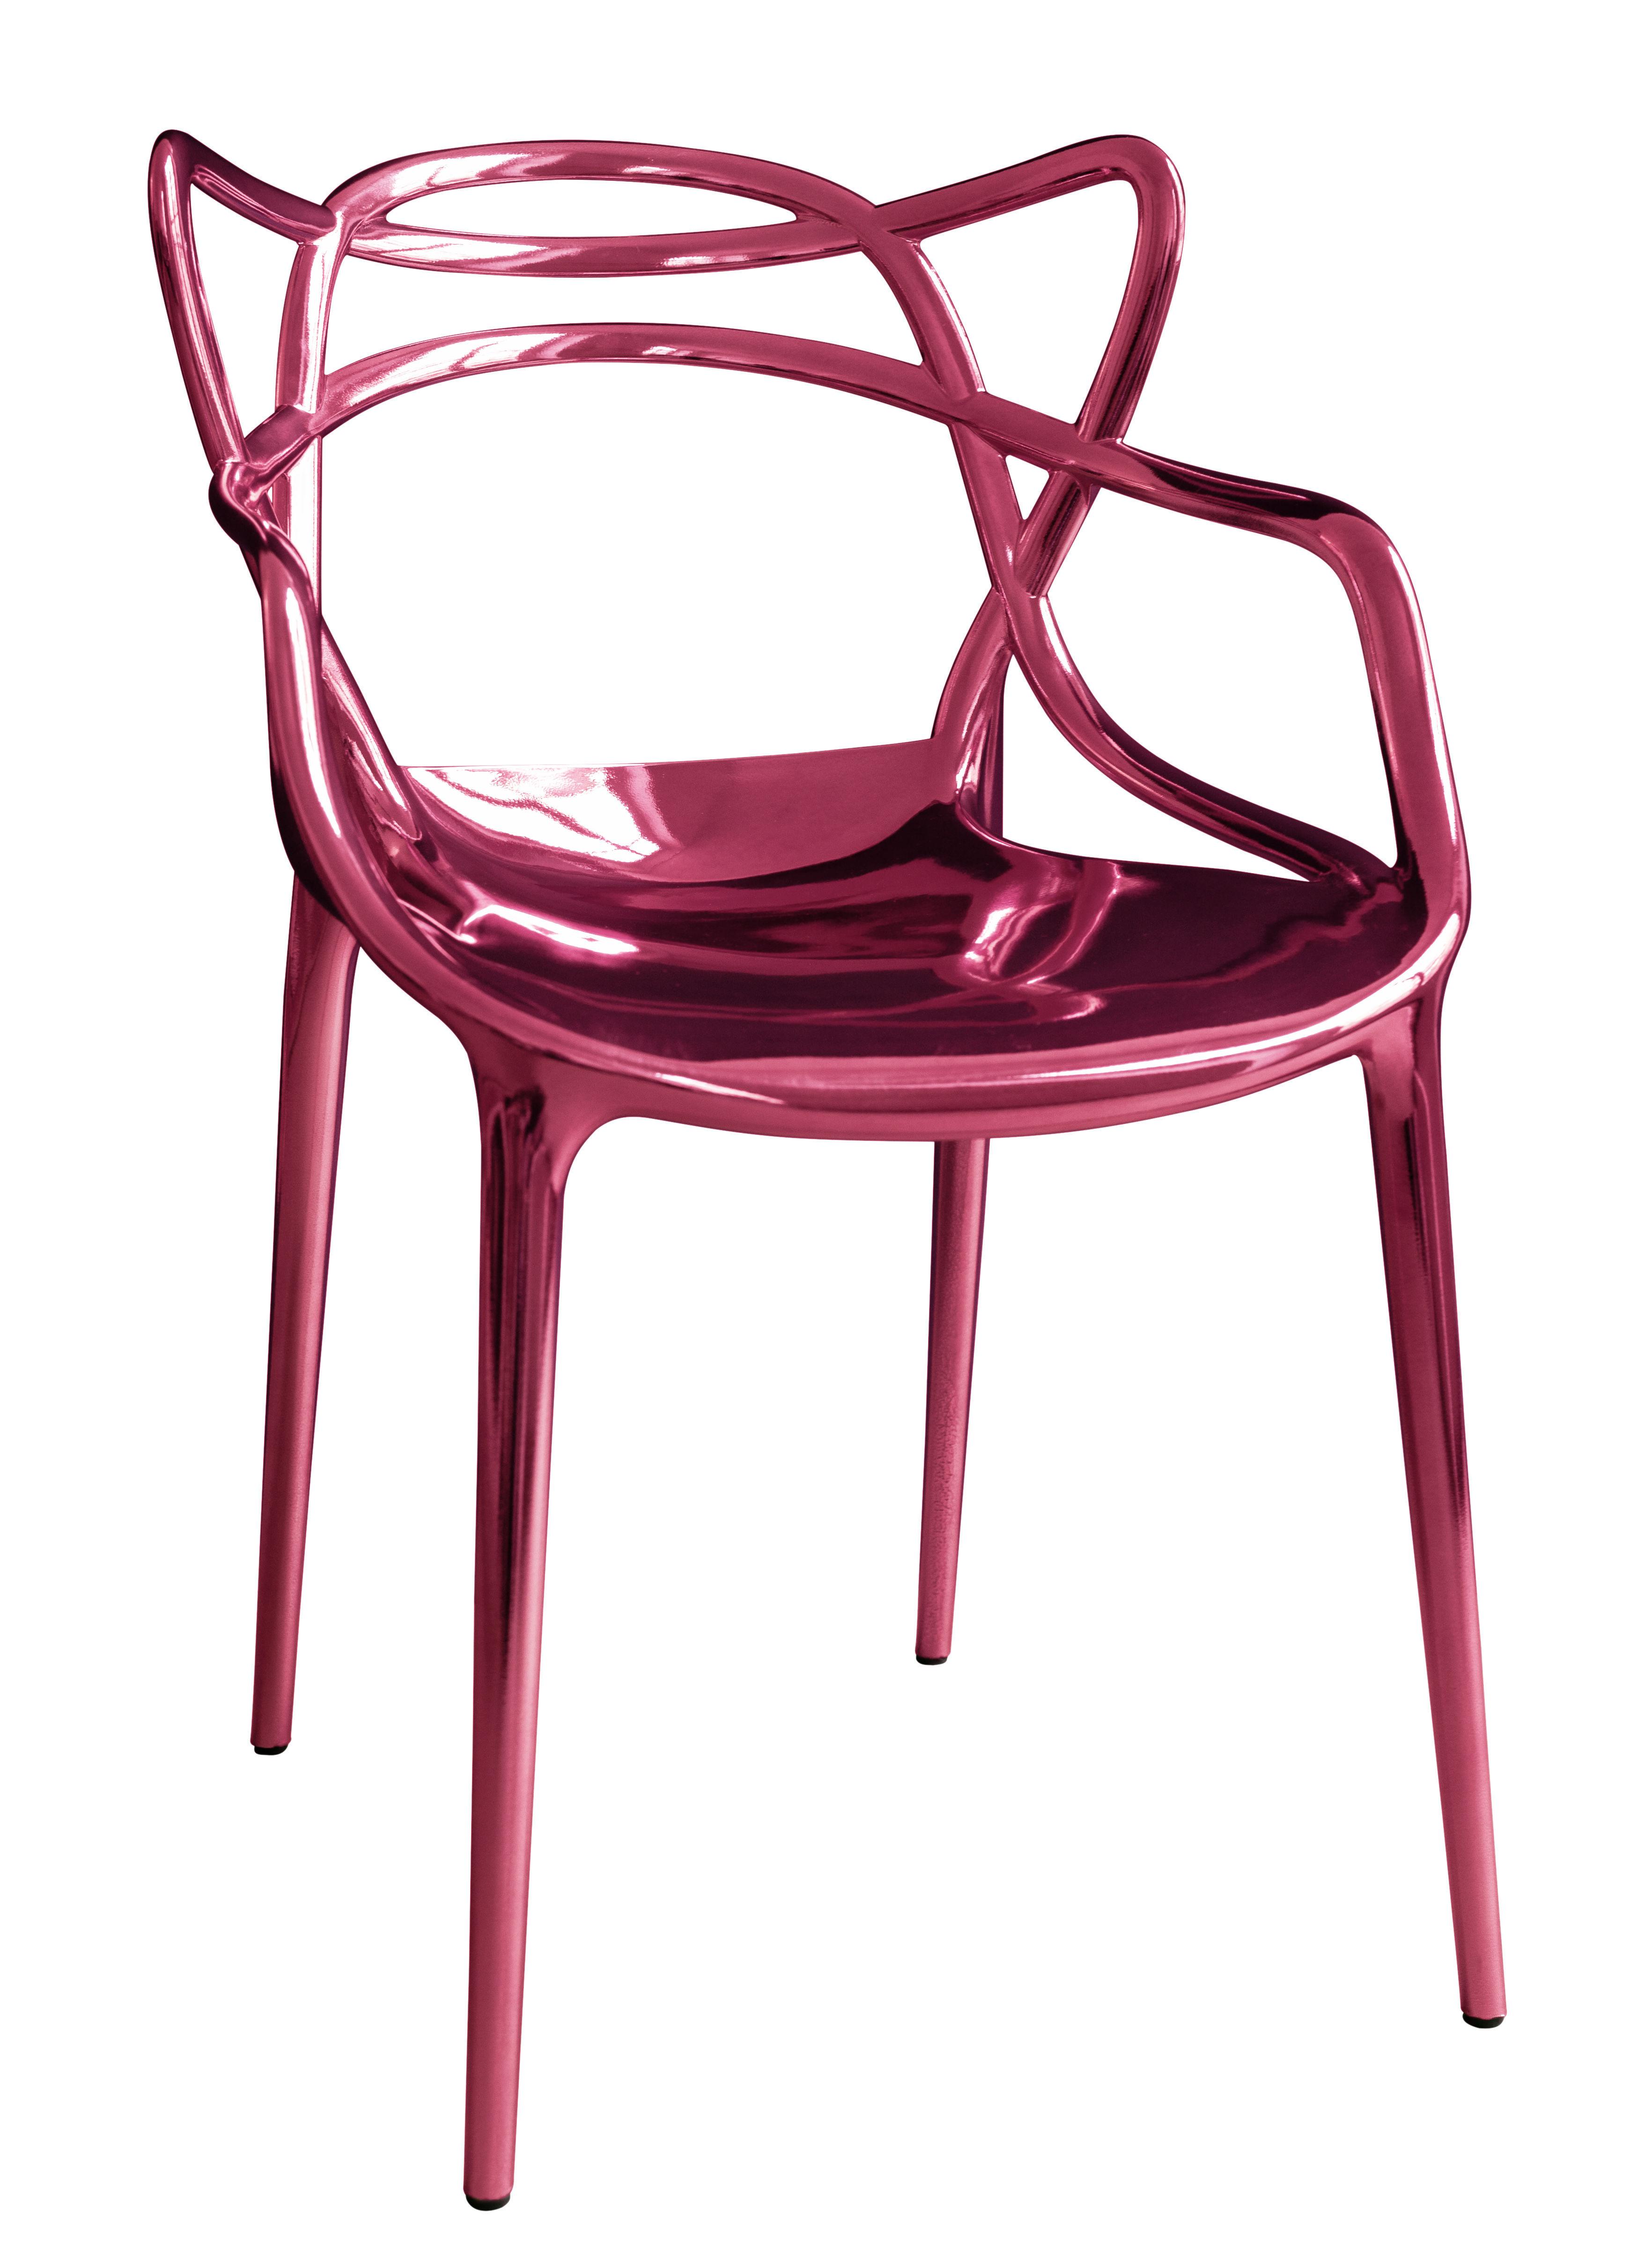 Möbel - Stühle  - Masters Stapelbarer Sessel / Metallic - Limited Edition 20 Jahre MID - Kartell - Metallic-rosa - ABS im Metall-Finish